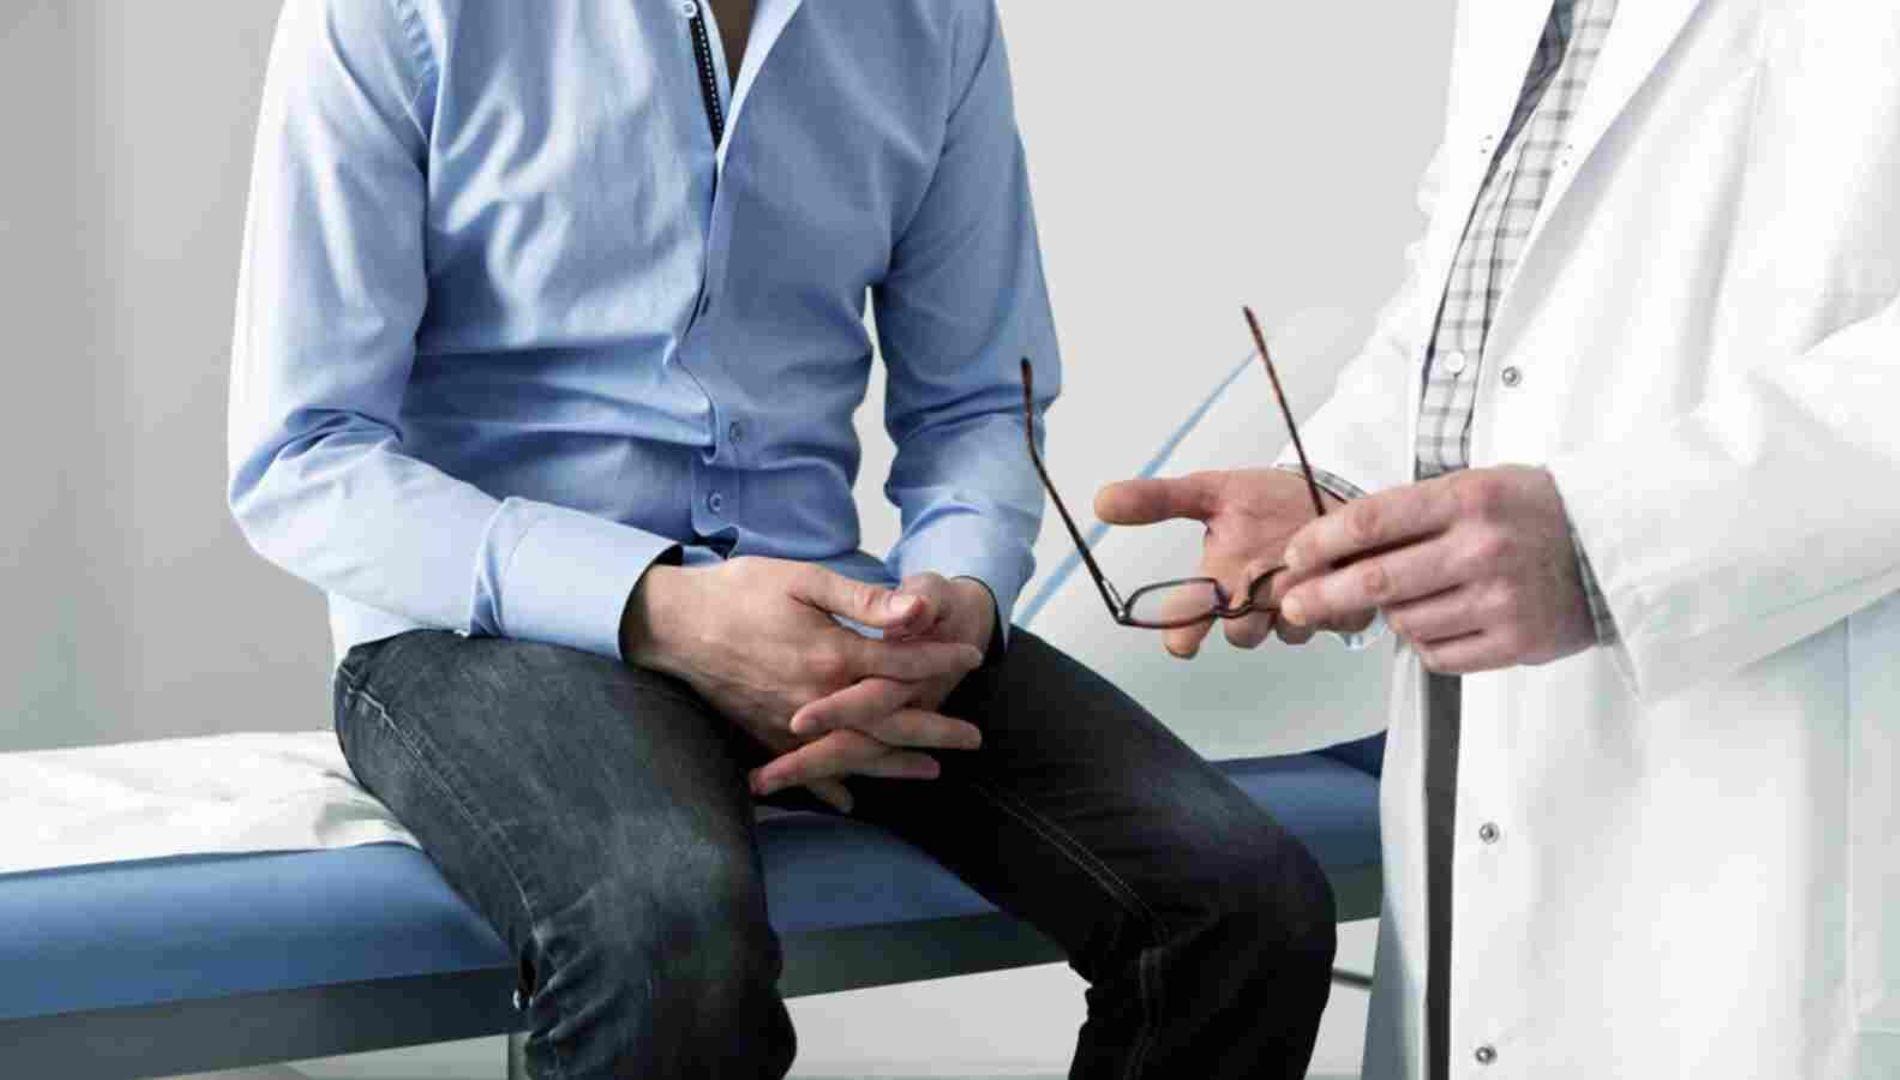 التهاب البروستاتا الأنواع الأعراض المضاعفات العلاج Mens Tops Shirt Dress Chef Jackets